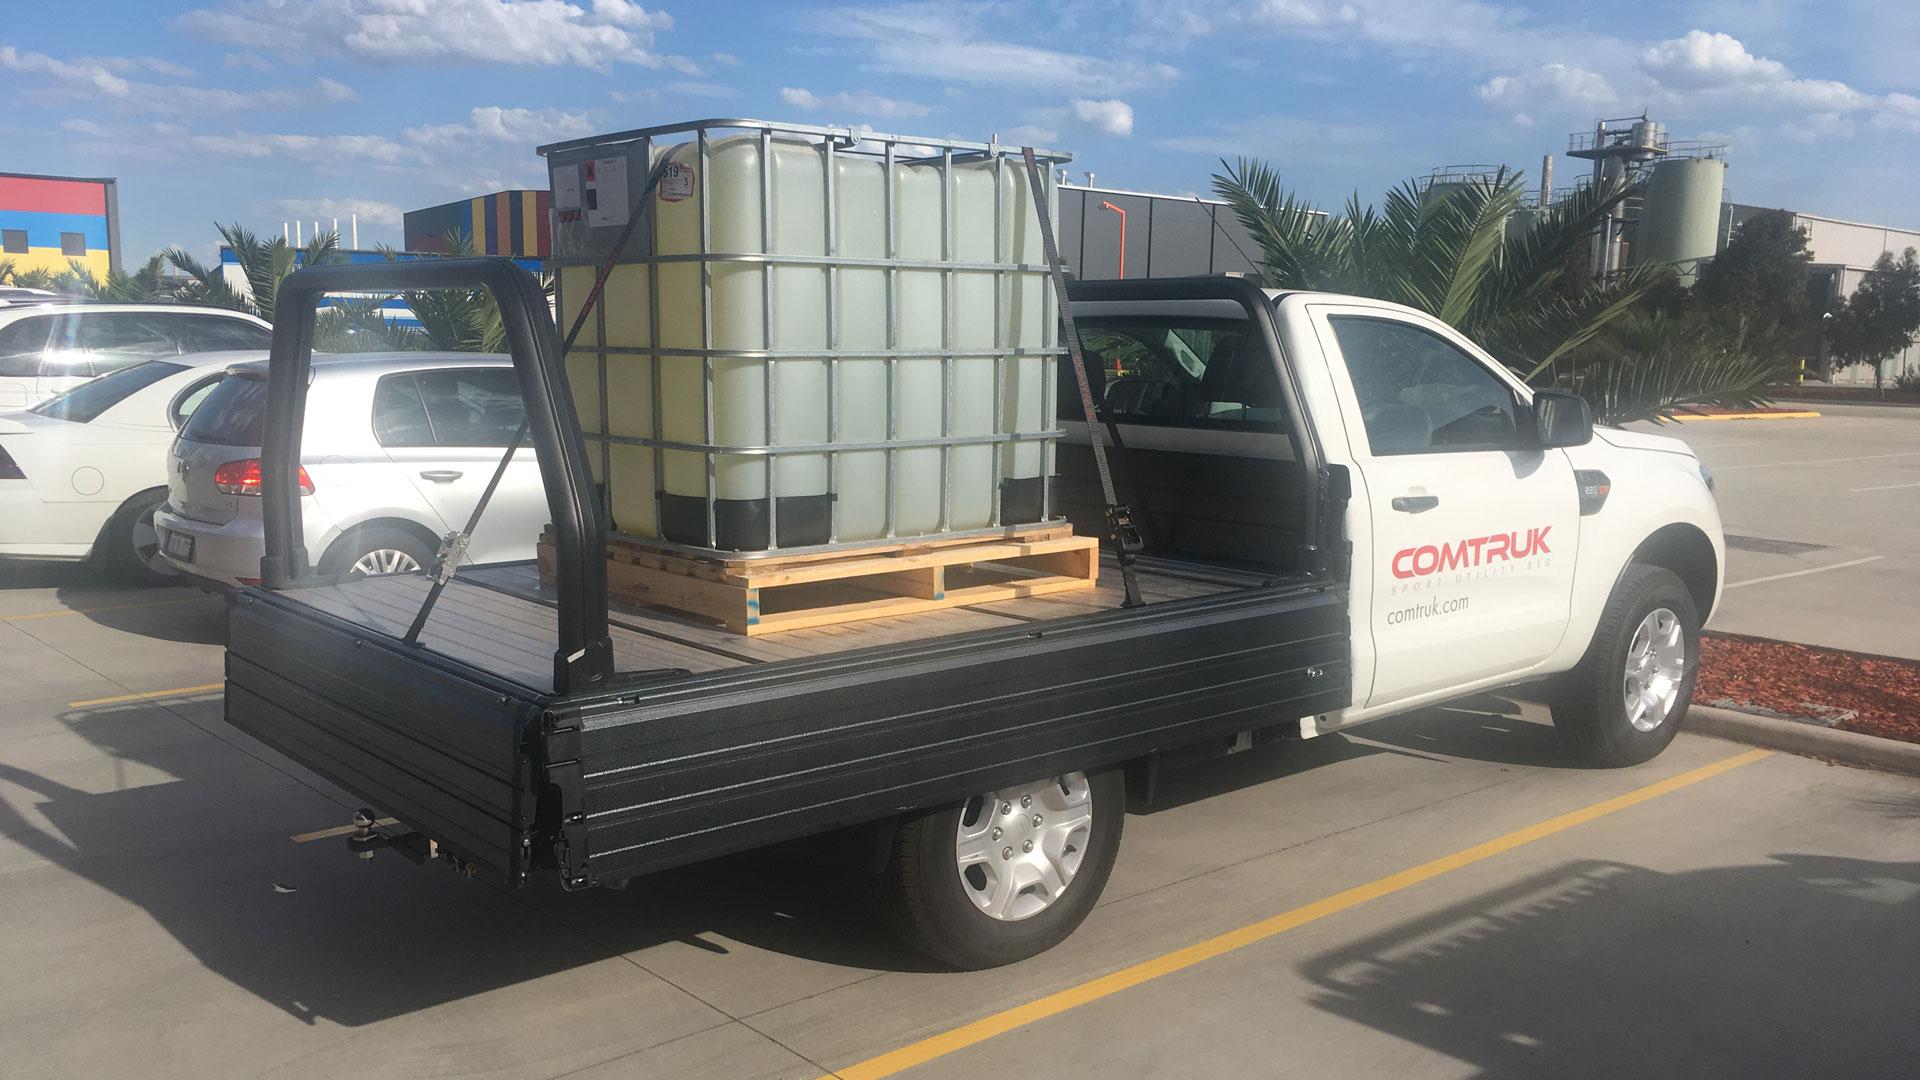 Alloy tray loaded for heavy hauling